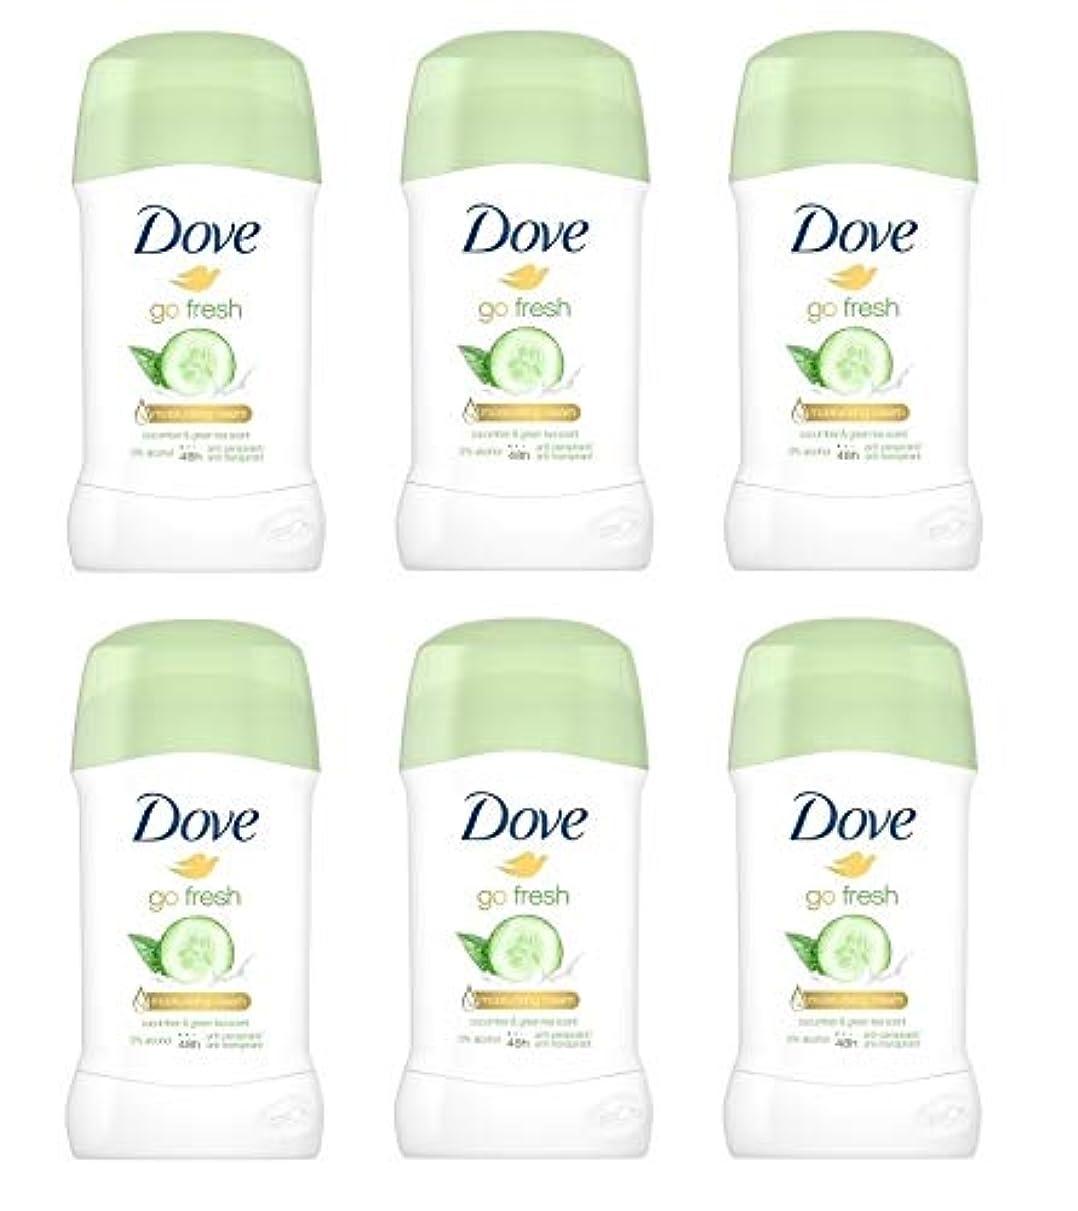 領収書槍管理する(6パック) ドーブ新鮮になきゅうりそして緑茶香り制汗剤デオドラントスティック女性の為に - (Pack of 6) Dove Go Fresh Cucumber & Green Tea Scent Anti-perspirant...